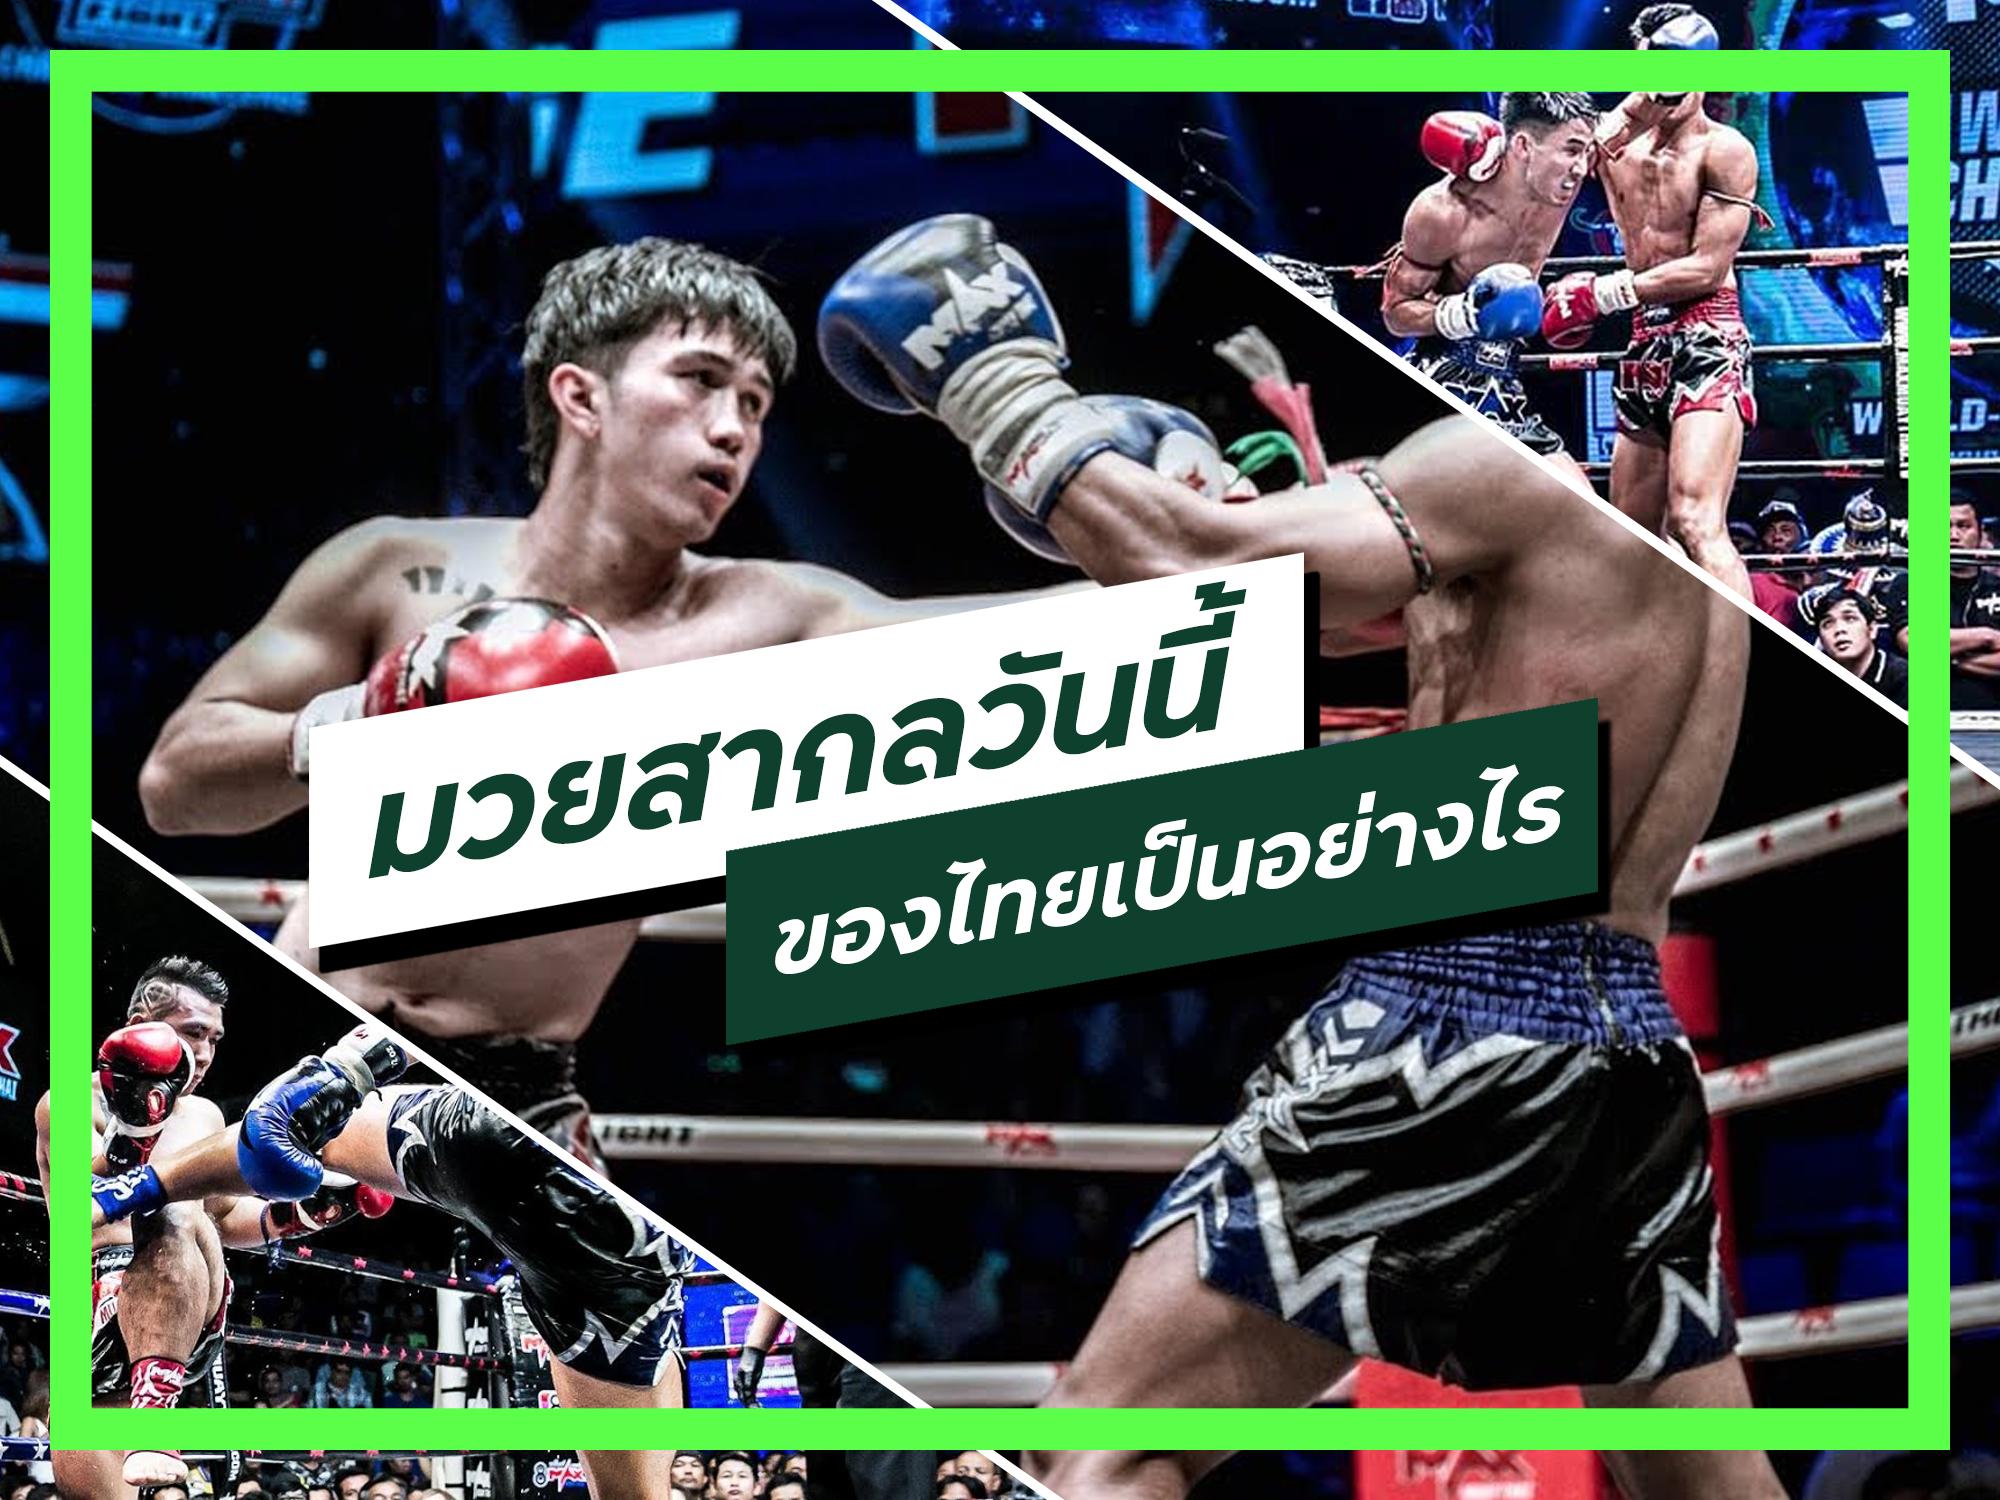 มวยสากลวันนี้ ของไทยเป็นอย่างไร